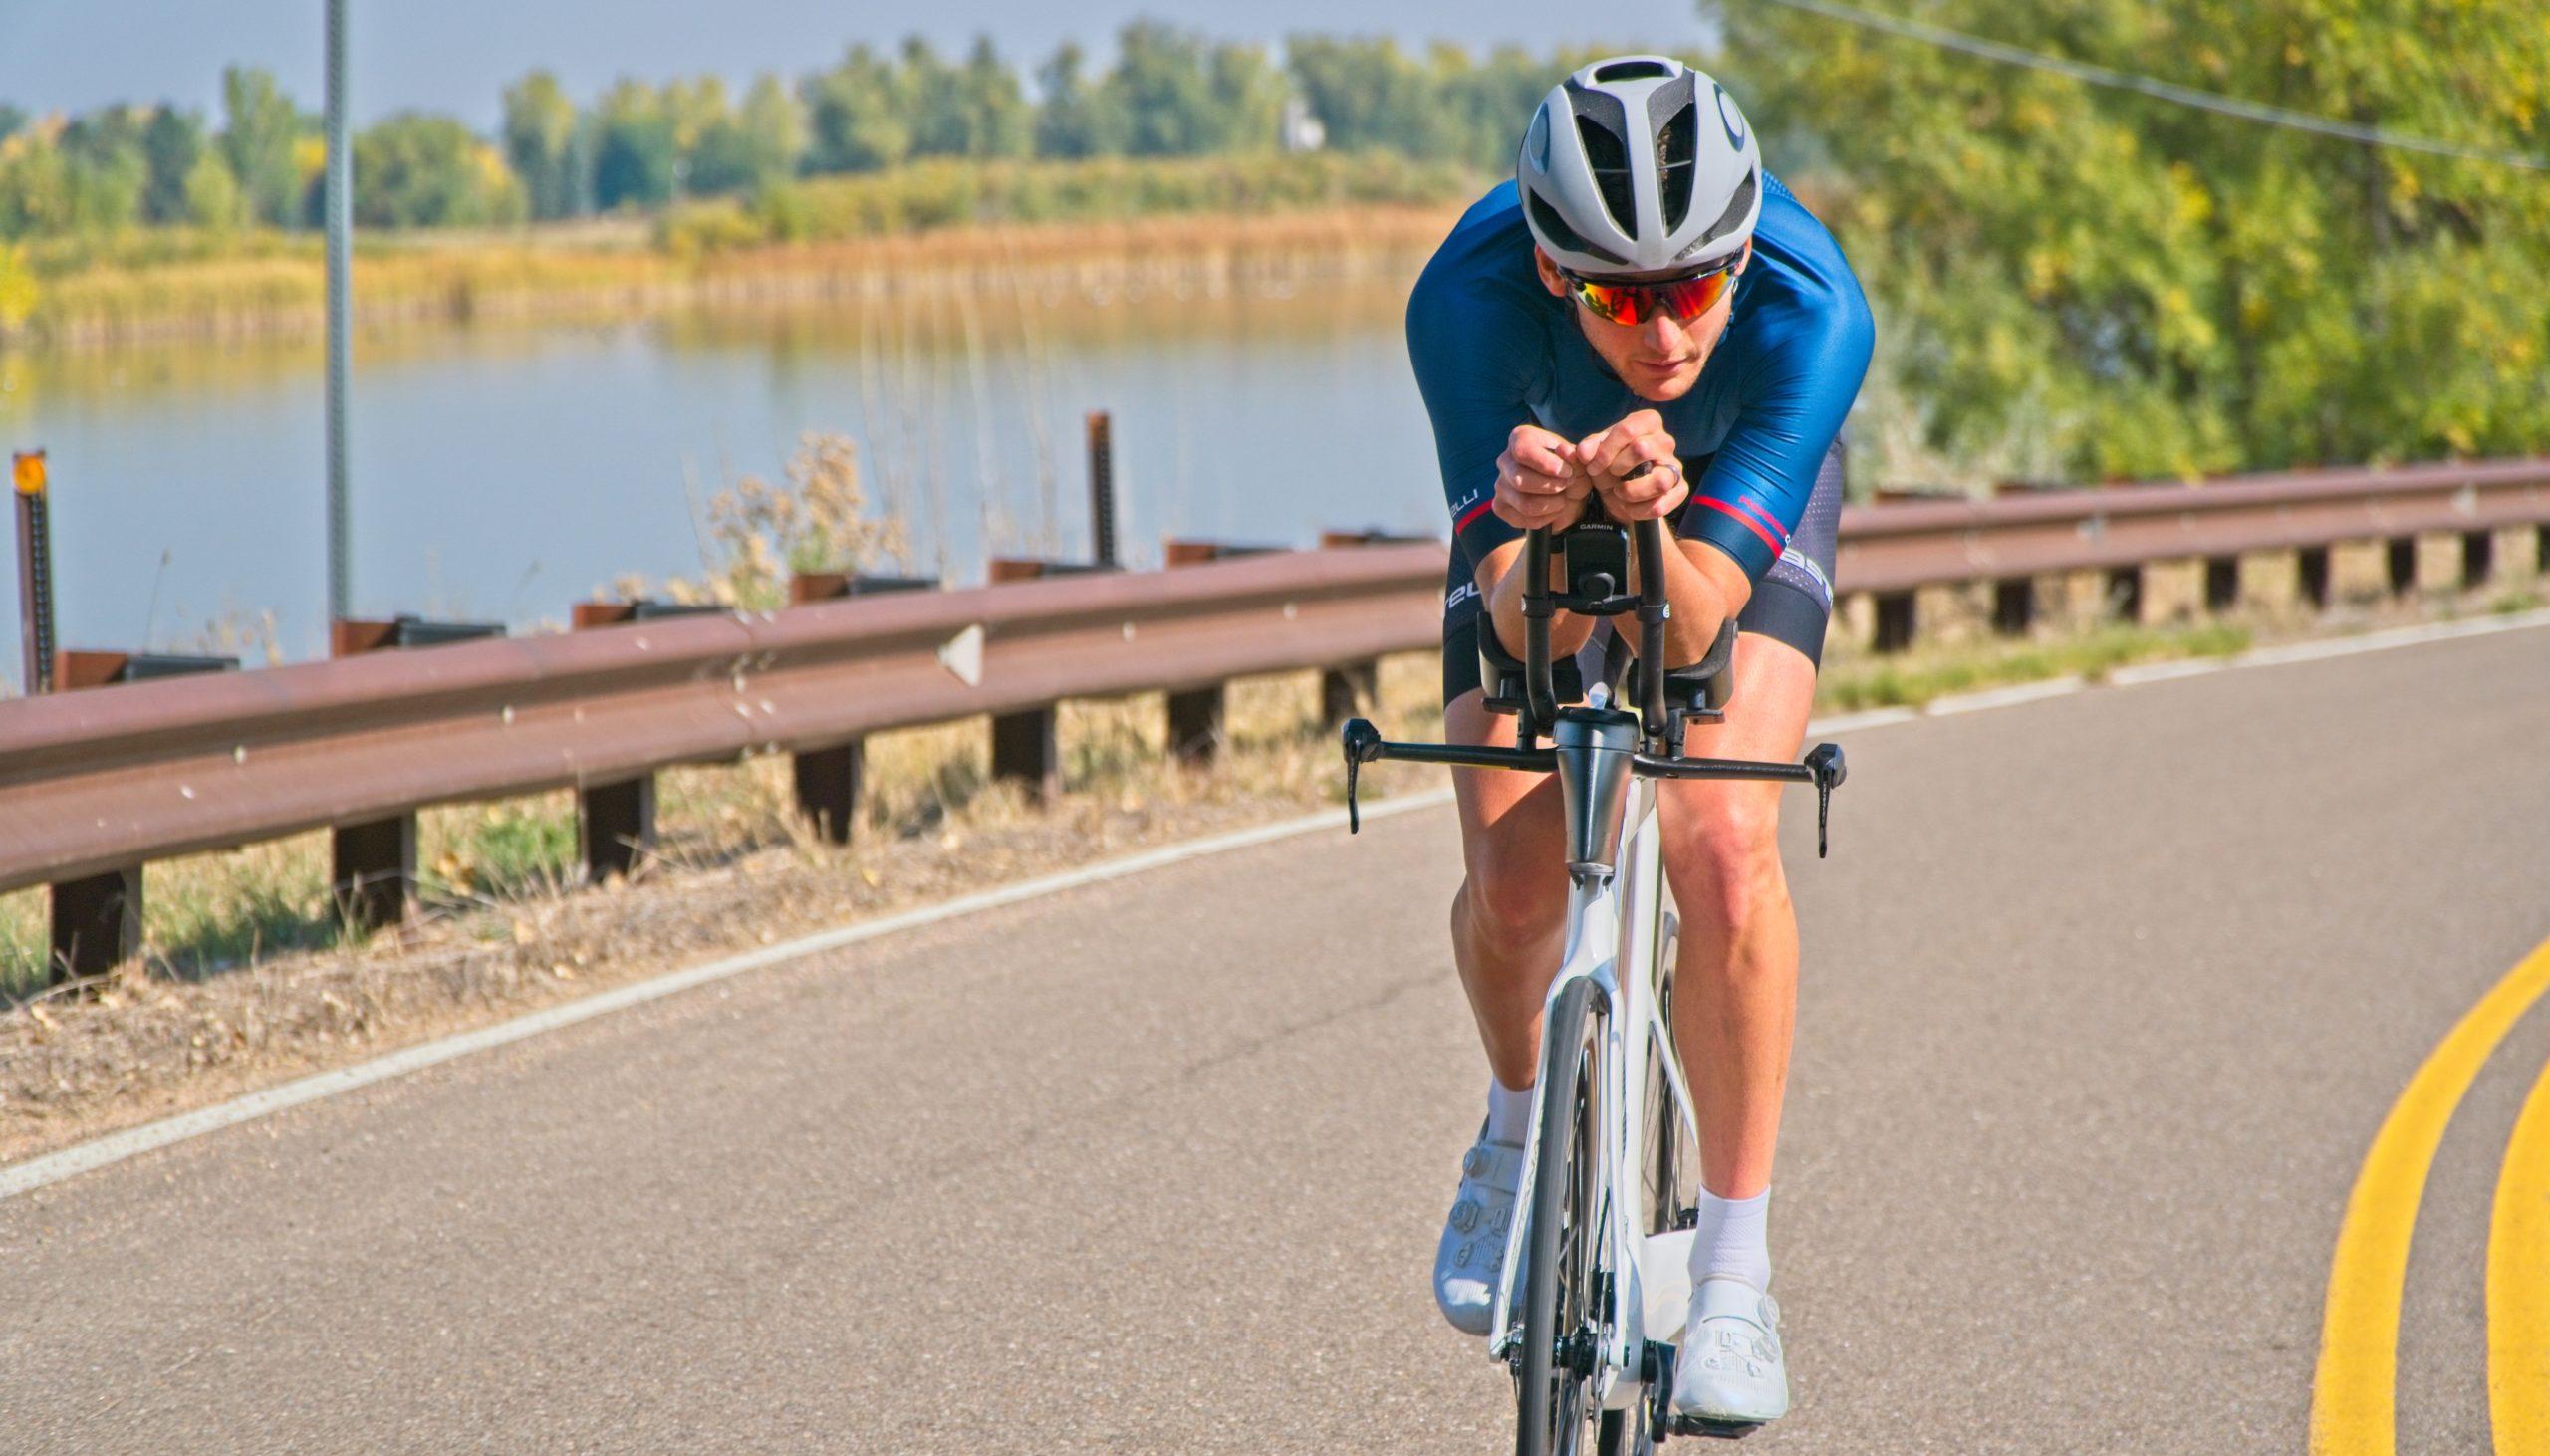 Triathlon Bike Aero Position